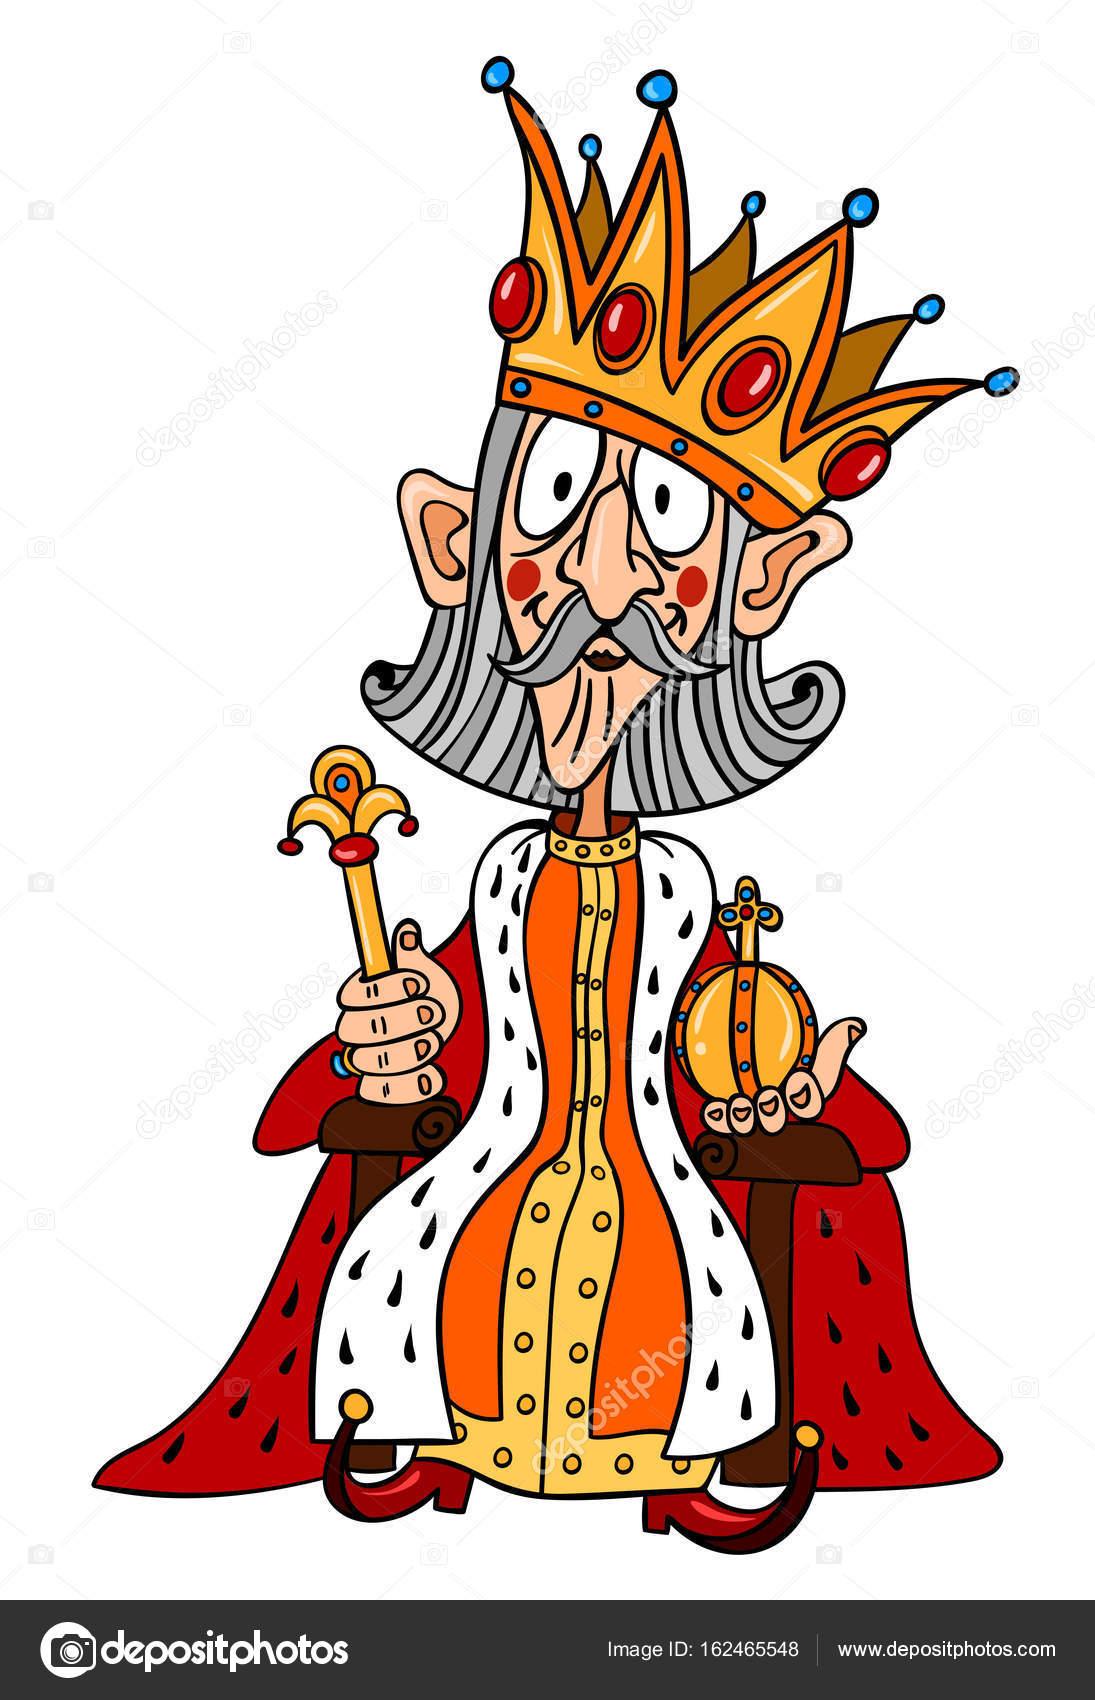 Image de dessin anim du roi avec grand couronne image vectorielle lkeskinen0 162465548 - Image de dessin anime ...